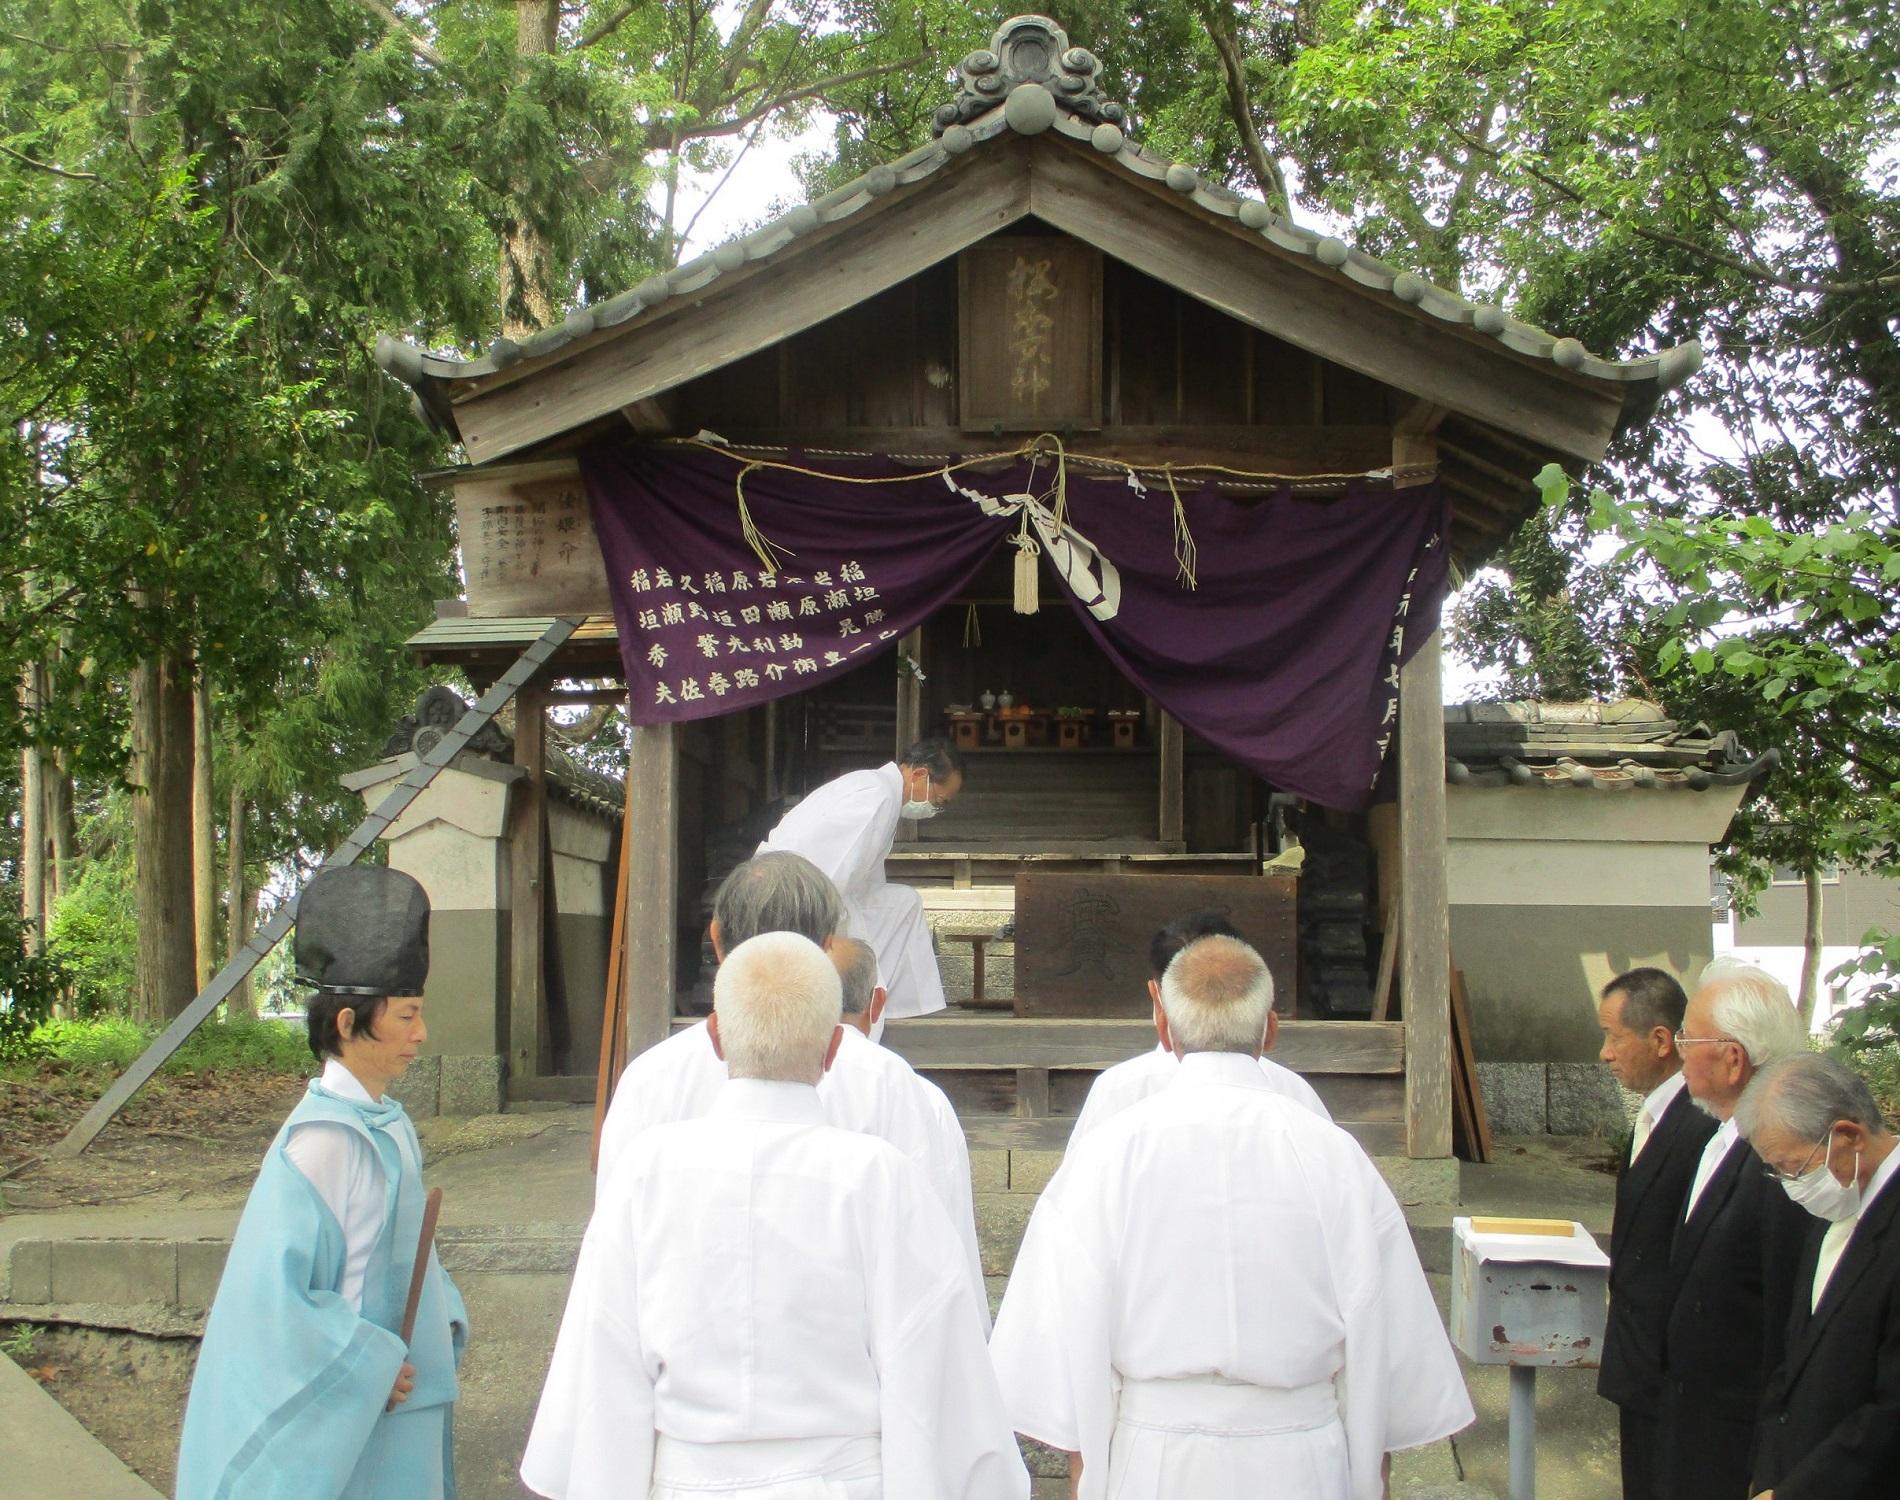 2020.6.27 (27) 桜本天神 - たまぐし 1900-1500